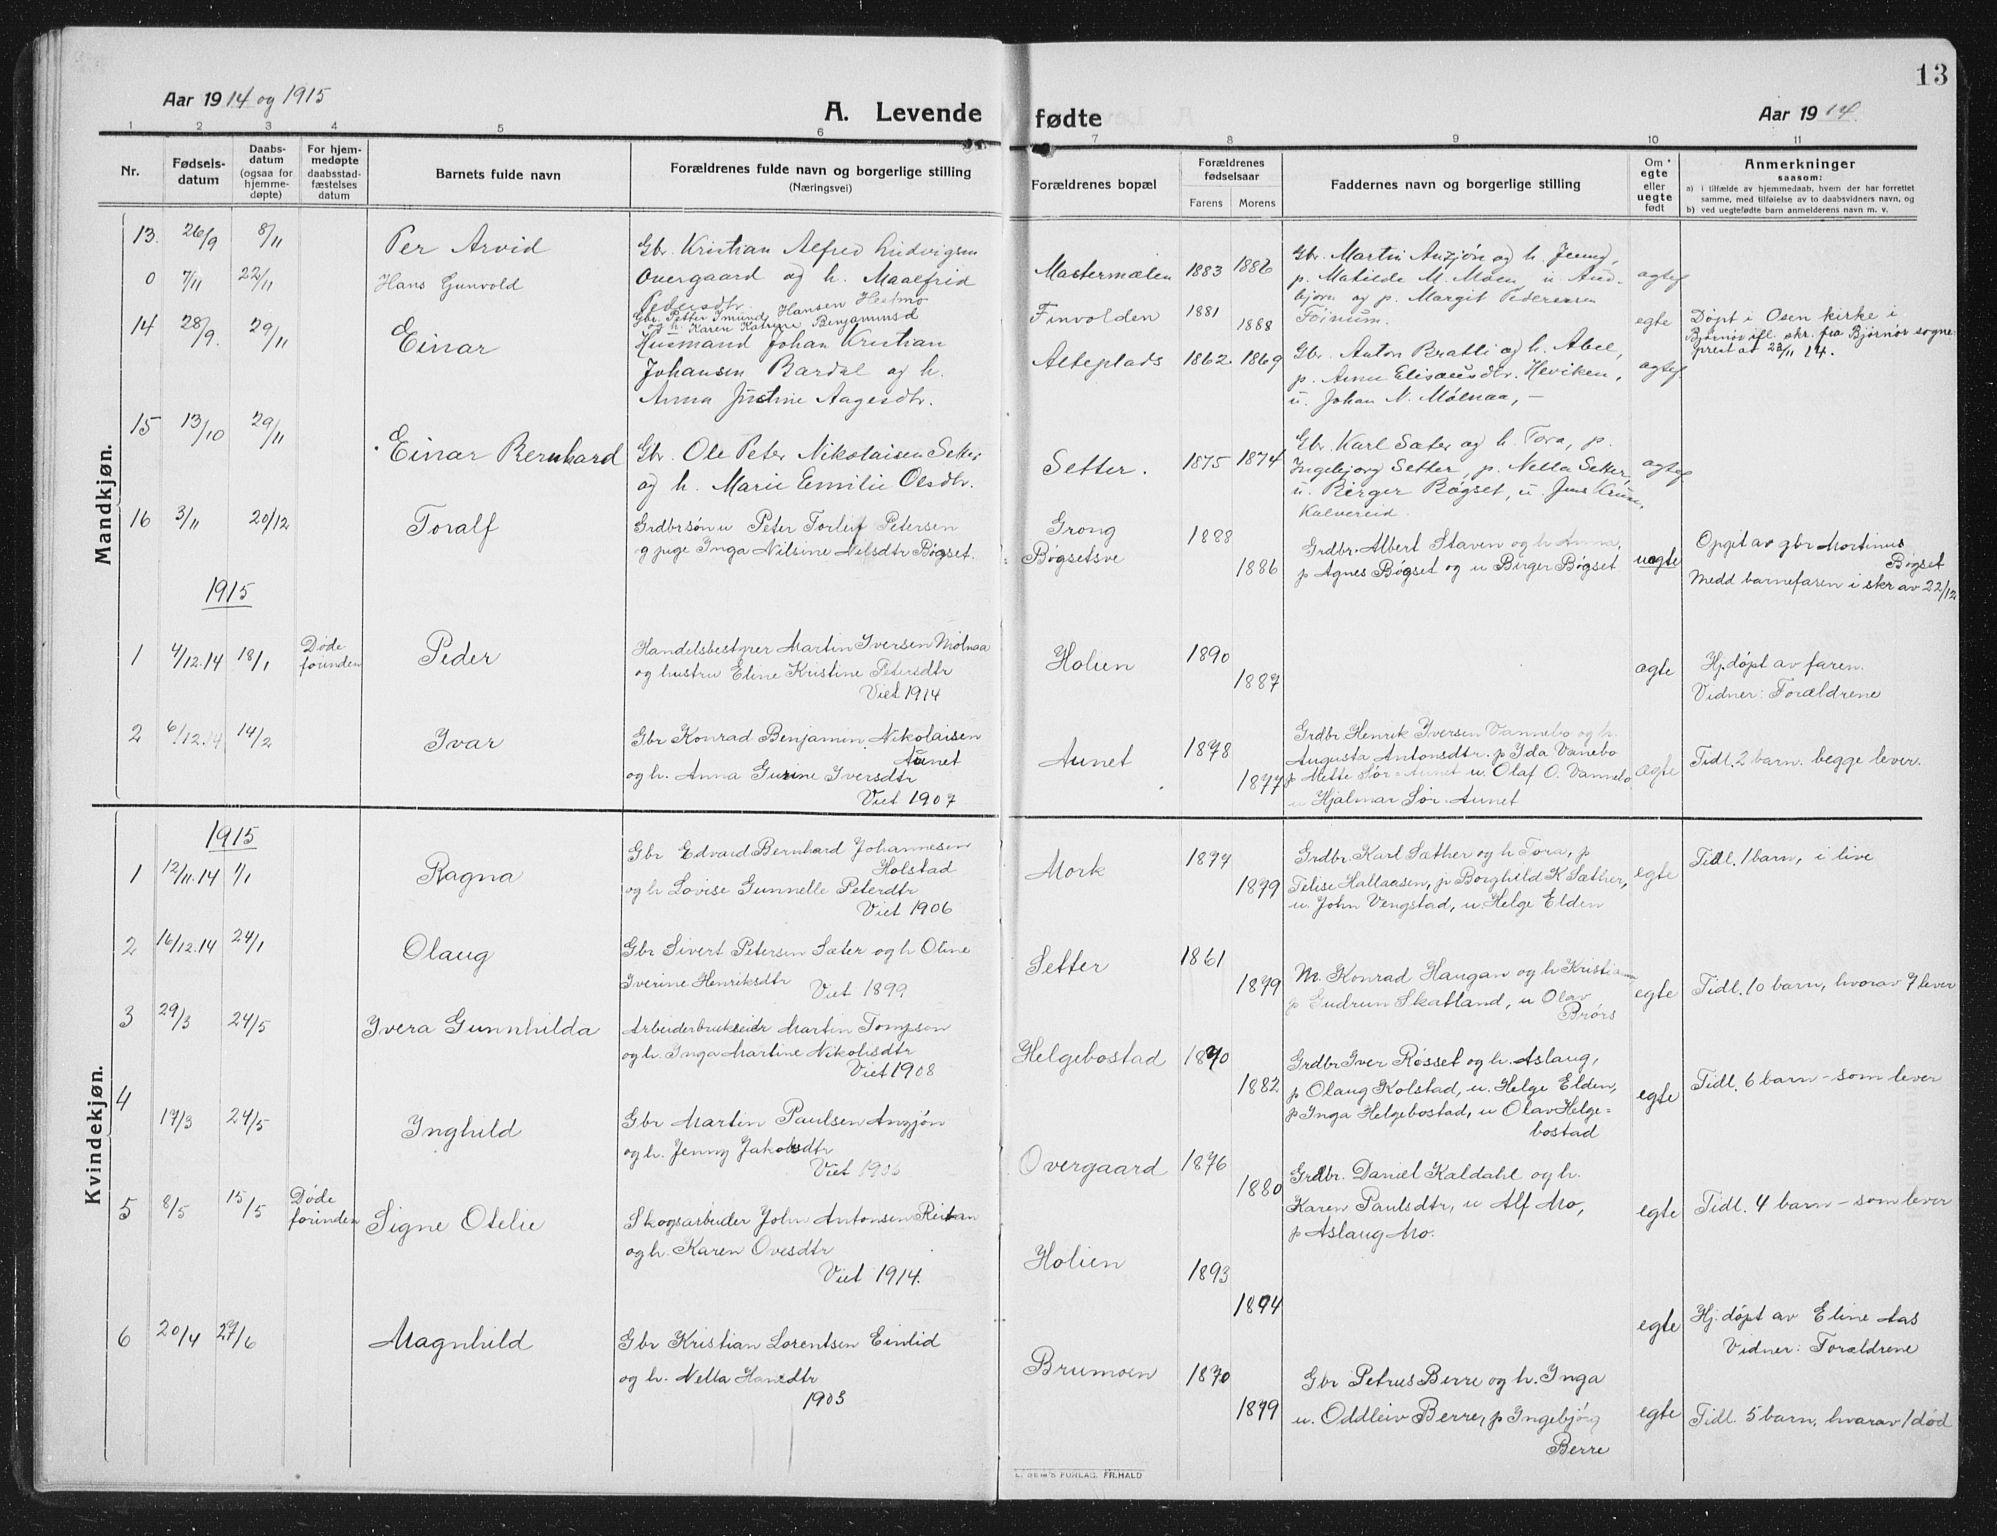 SAT, Ministerialprotokoller, klokkerbøker og fødselsregistre - Nord-Trøndelag, 742/L0413: Klokkerbok nr. 742C04, 1911-1938, s. 13